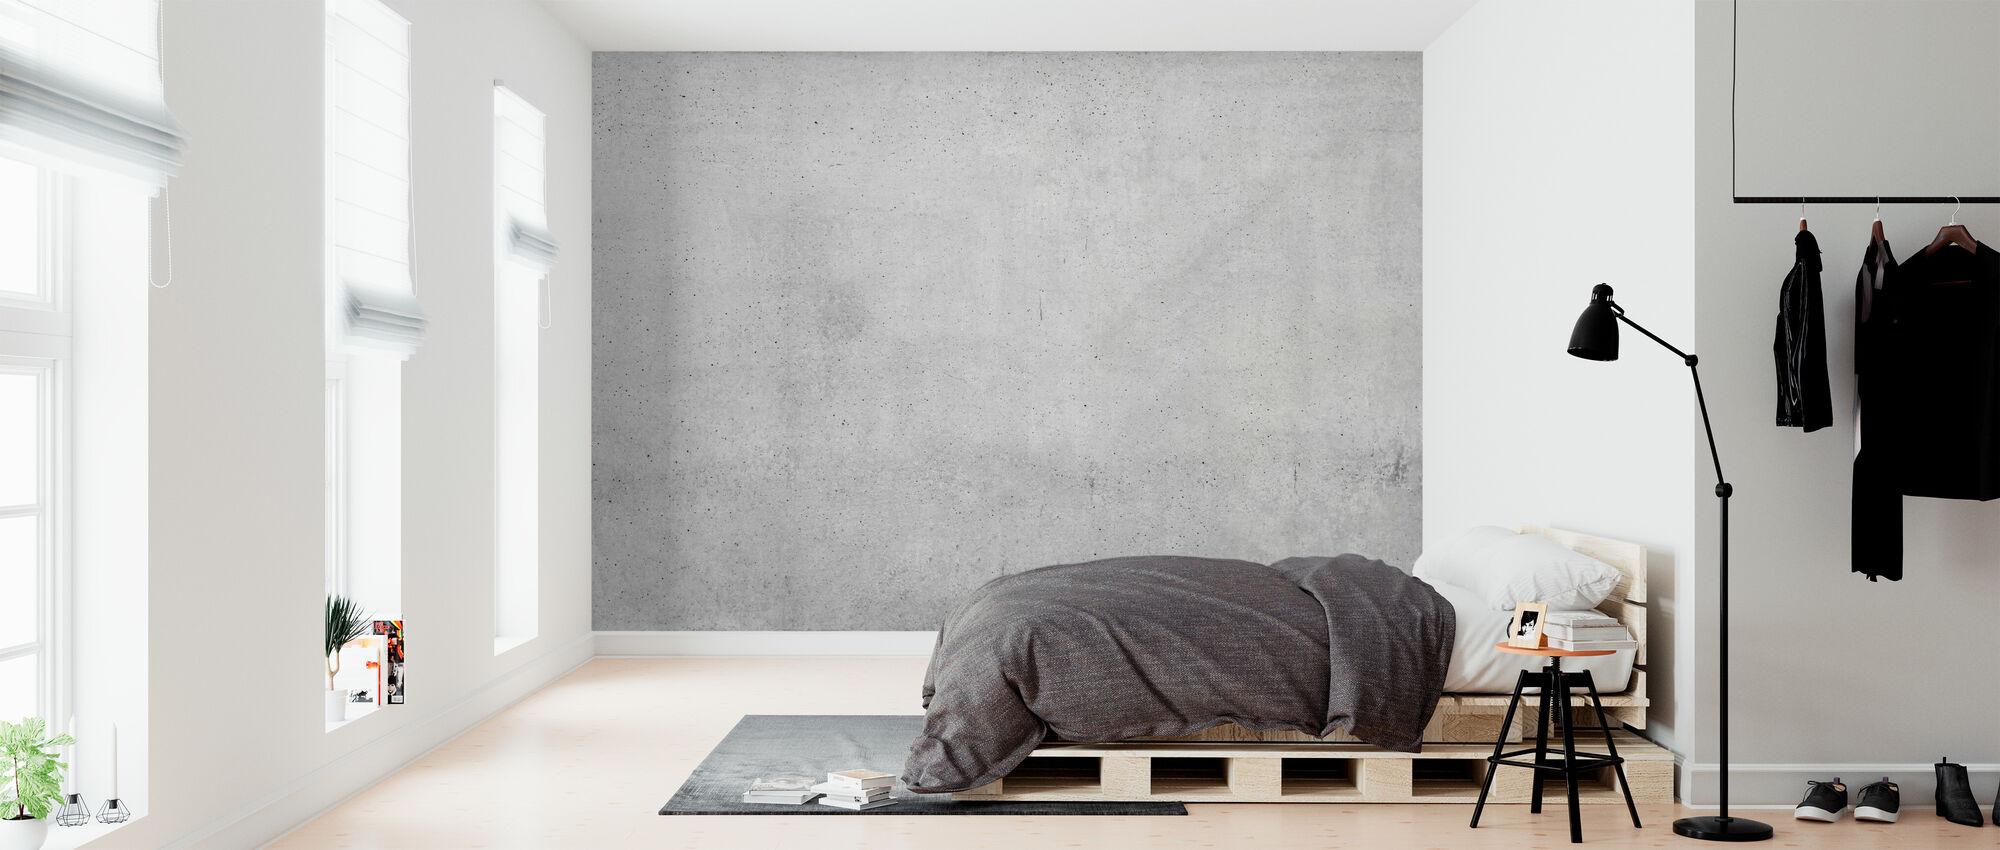 Mur en béton apparent - Papier peint - Chambre